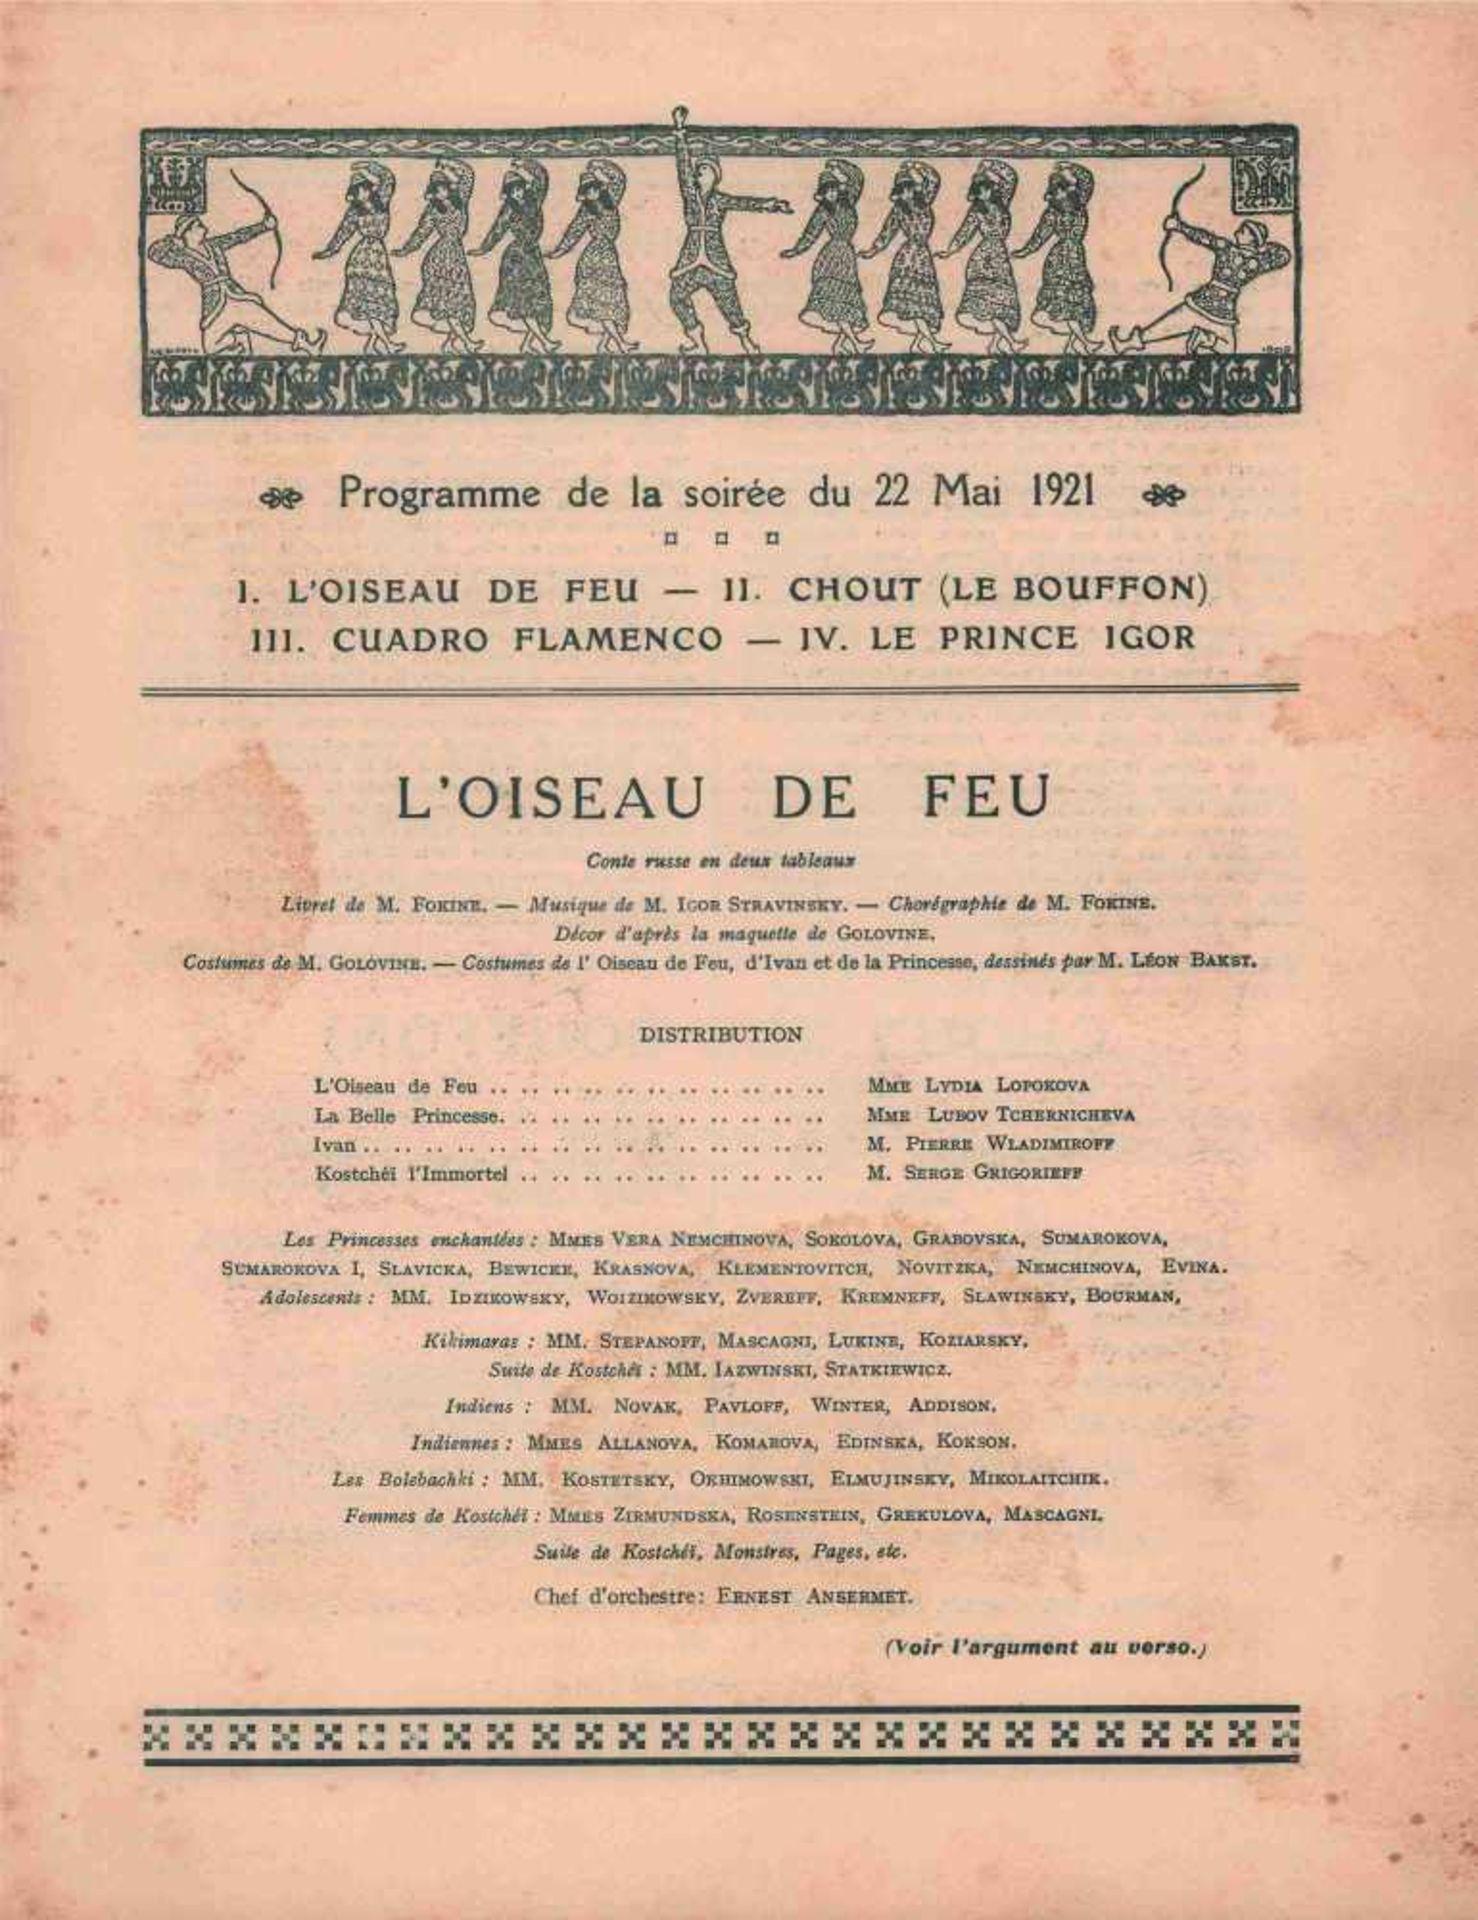 [BALLETS RUSSES, GRIS, LARIONOW, PICASSO] Ballets Russes im Théâtre de la Gaîté-Lyrique, 14. Saison, - Bild 2 aus 2